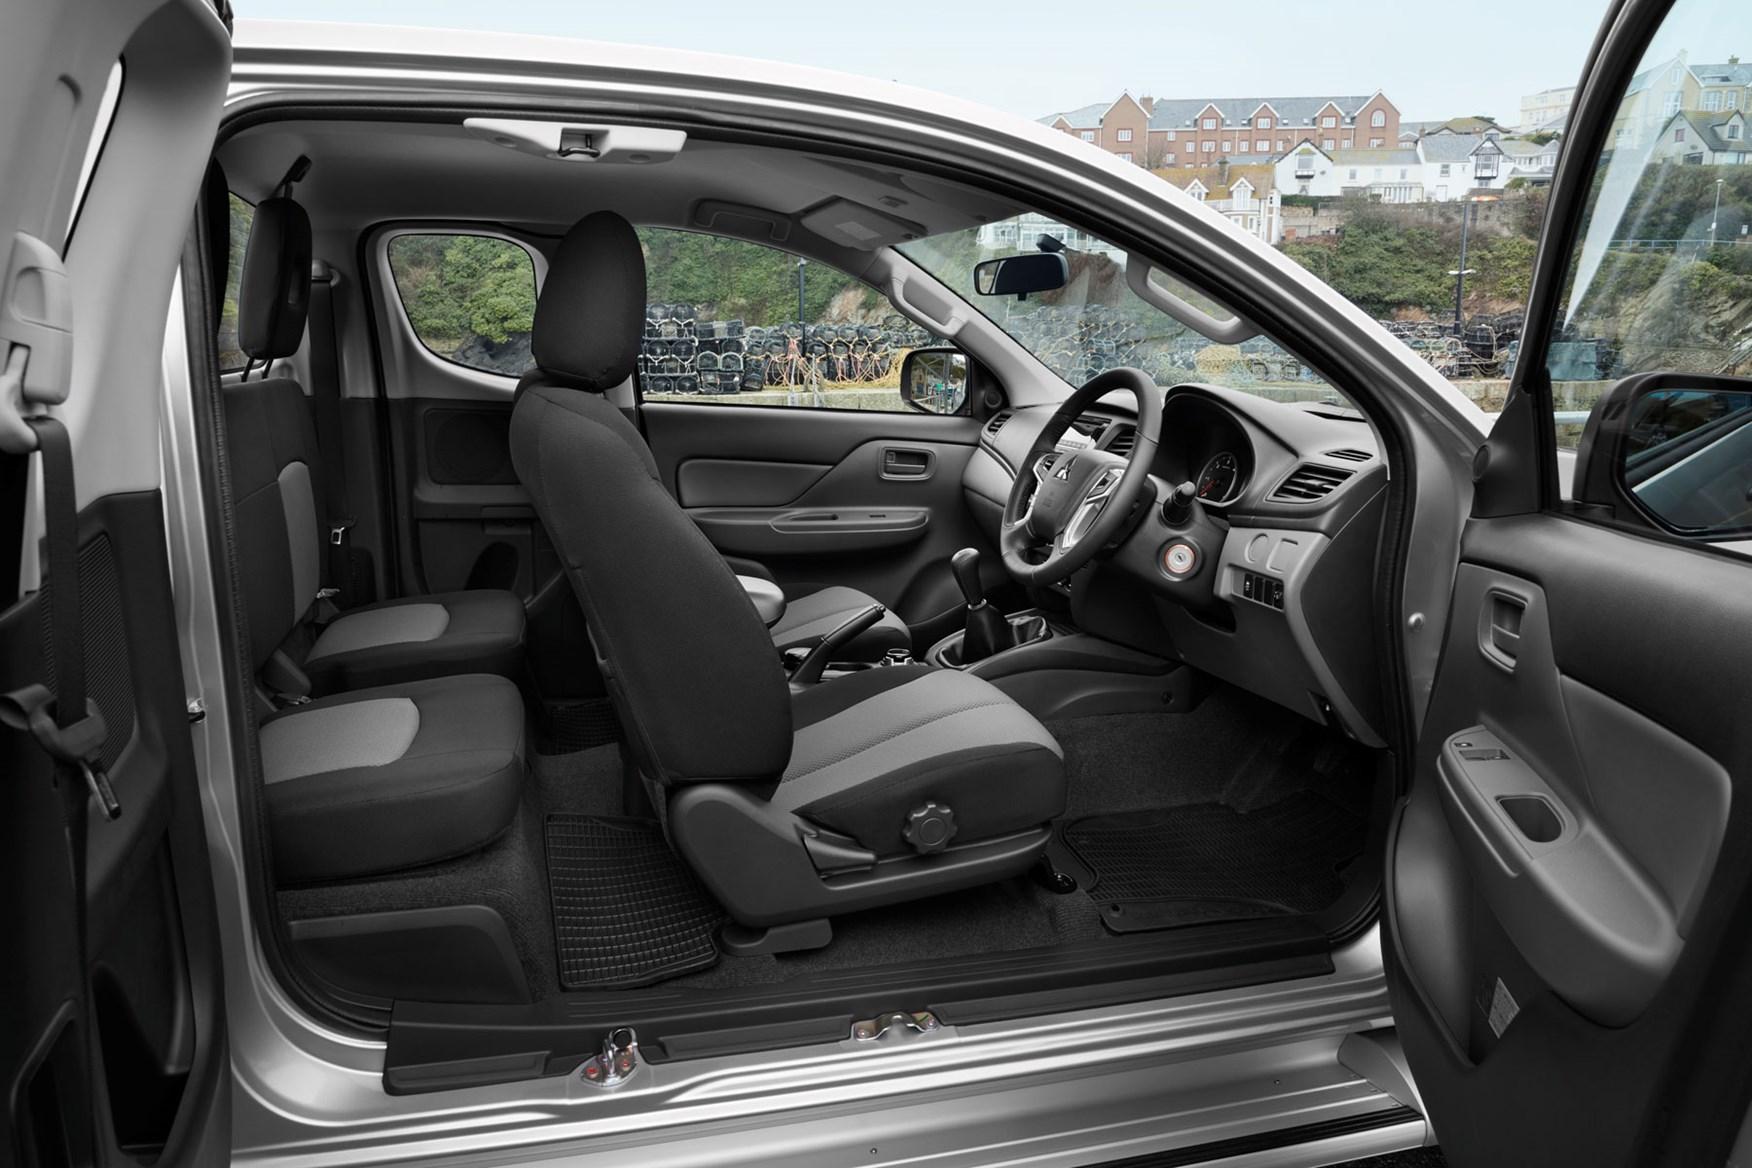 Mitsubishi L200 review, Club Cab doors and rear seats access